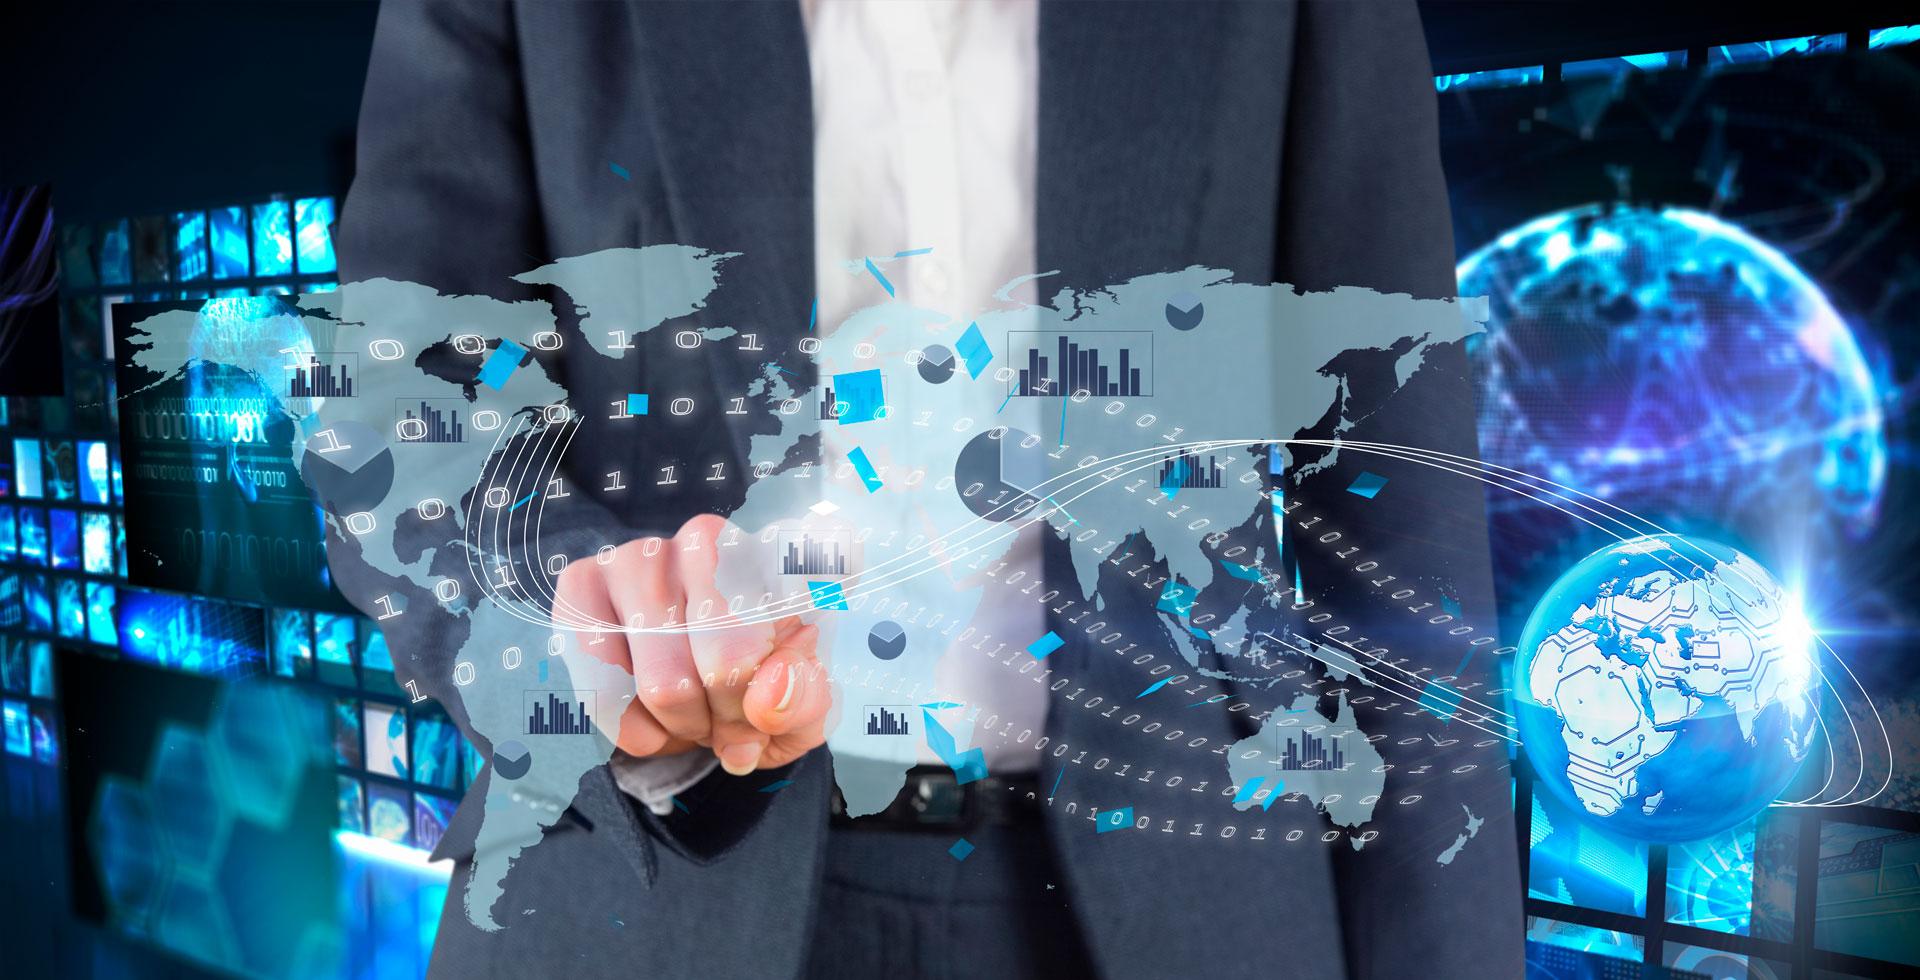 Auditoría en Tecnologías de la Información